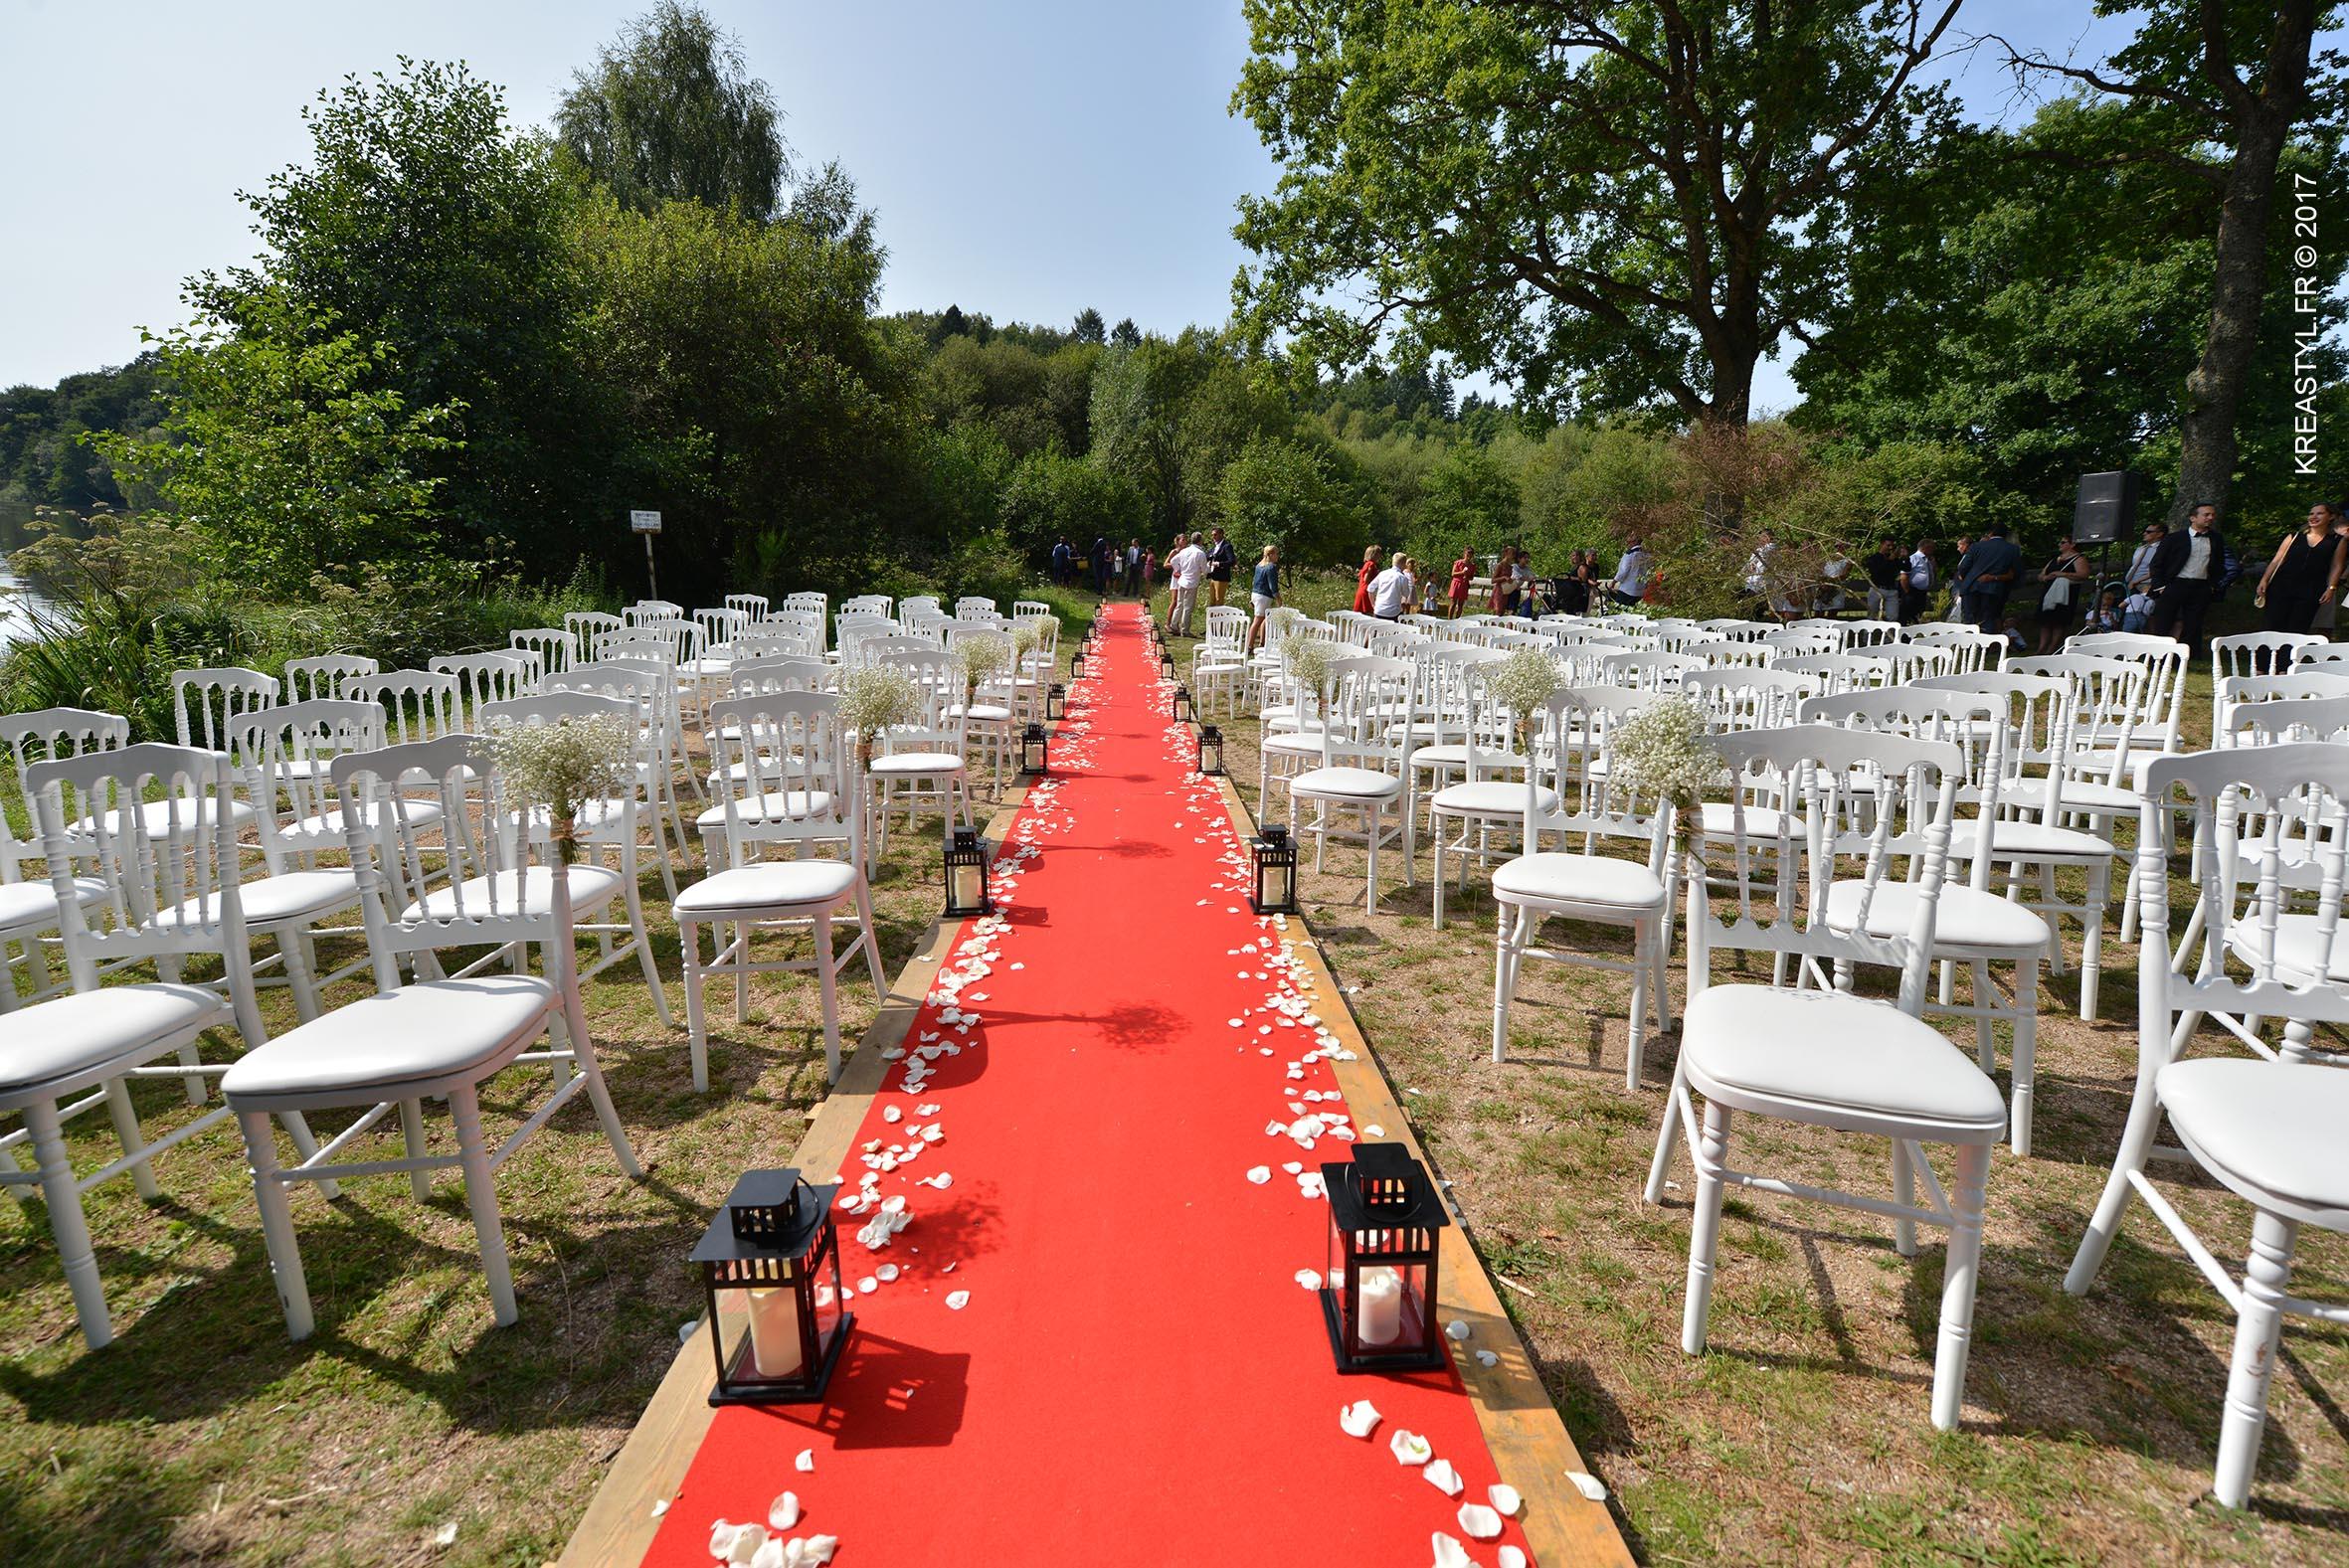 Mla dijon serving your event mla dijon serving your event audiovisuel - Ceremonie mariage plein air ...